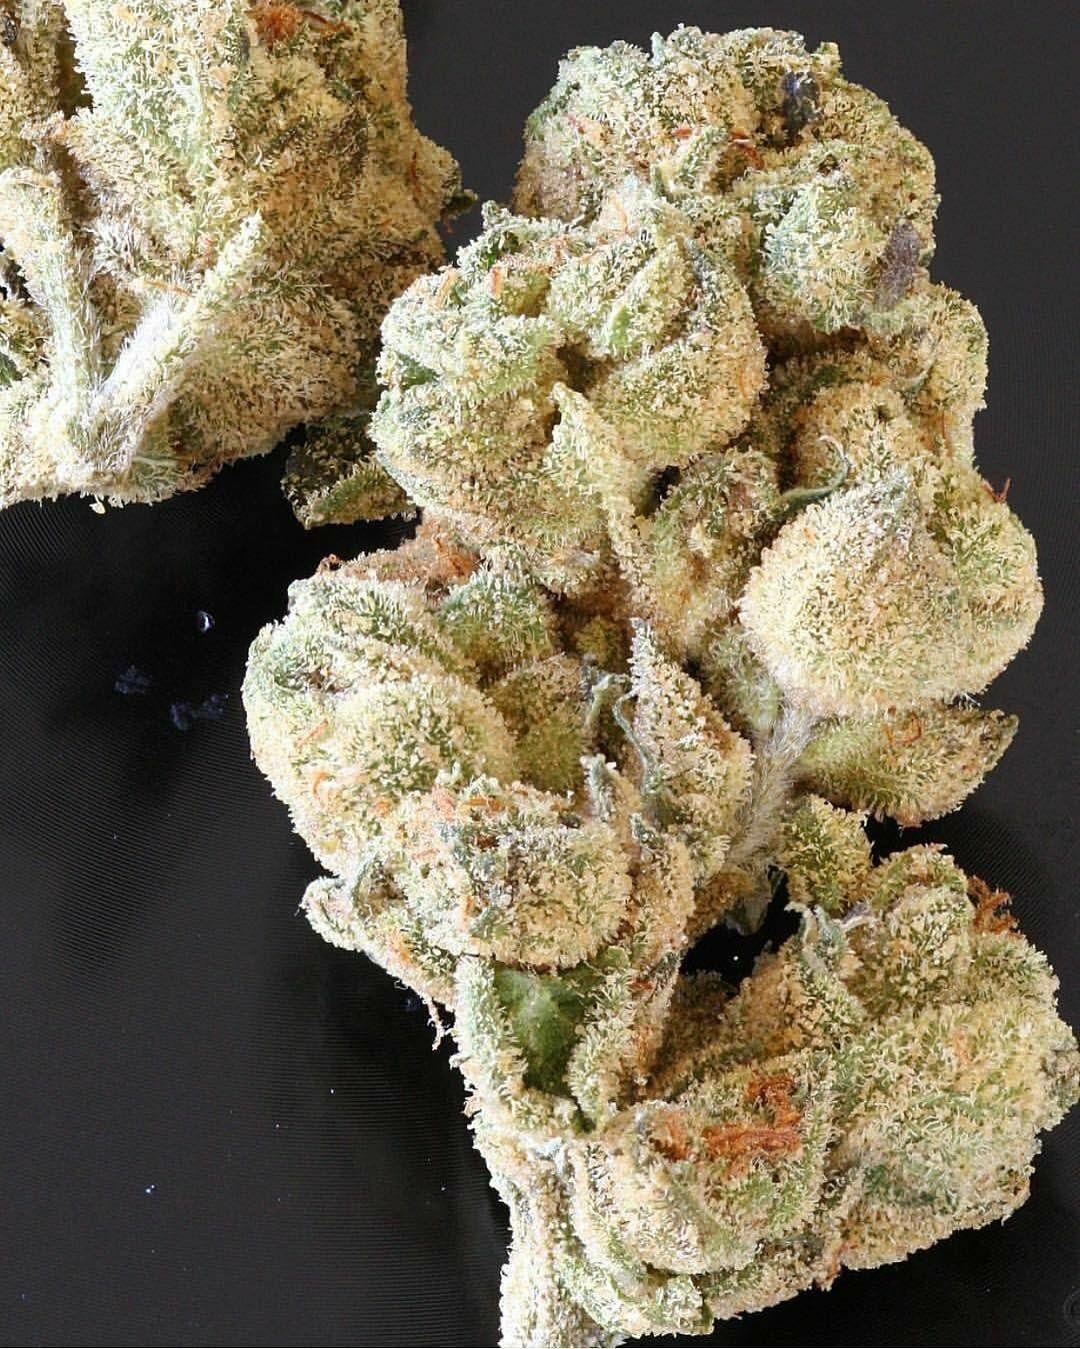 I love weed   Weeding   Weed, Marijuana plants, Buy weed